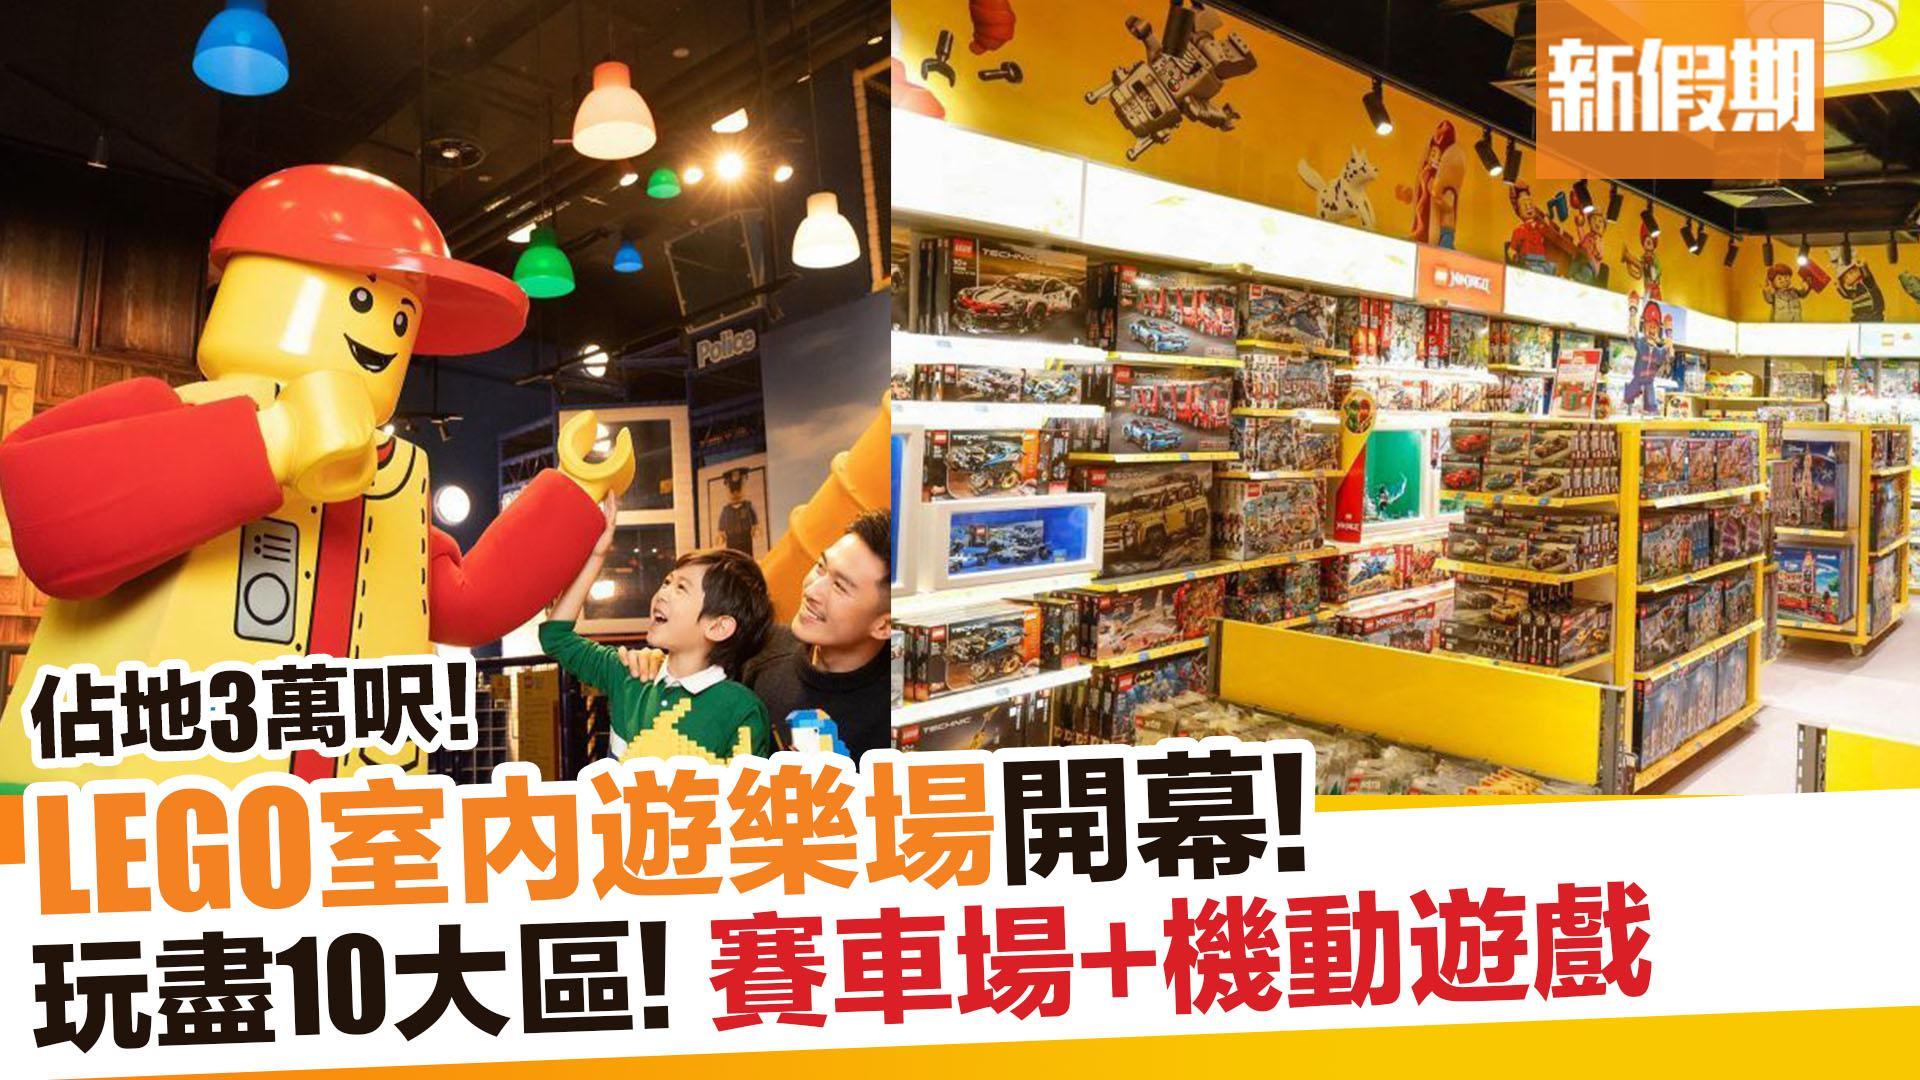 【香港好去處】LEGOLAND尖沙咀K11 Musea 3月6日開! 新假期